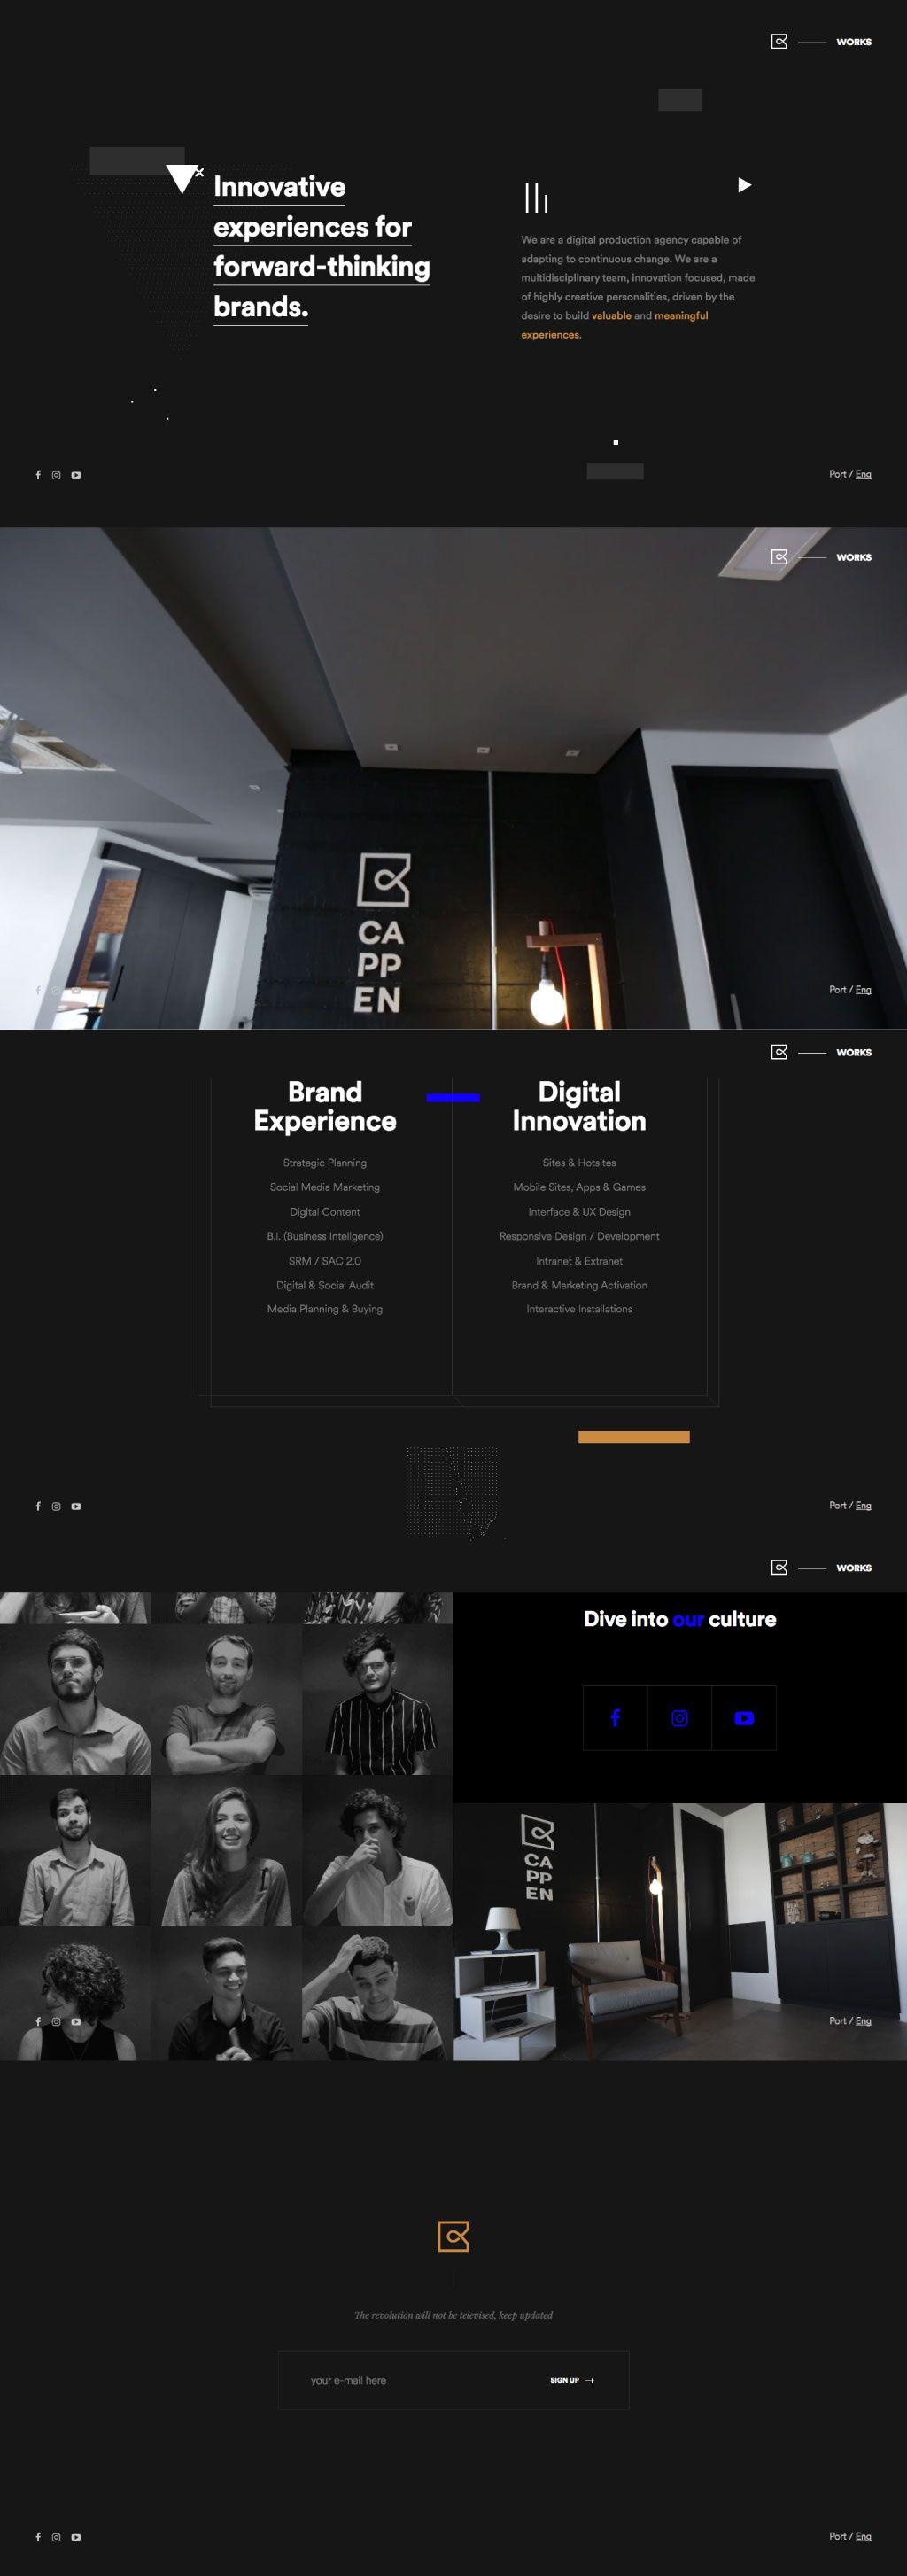 Unique Experiential Web Design Video Full Screen Parallax Graphic Black Dark Work Culture Team Emphasis Web Design Black Web Design Modern Web Design